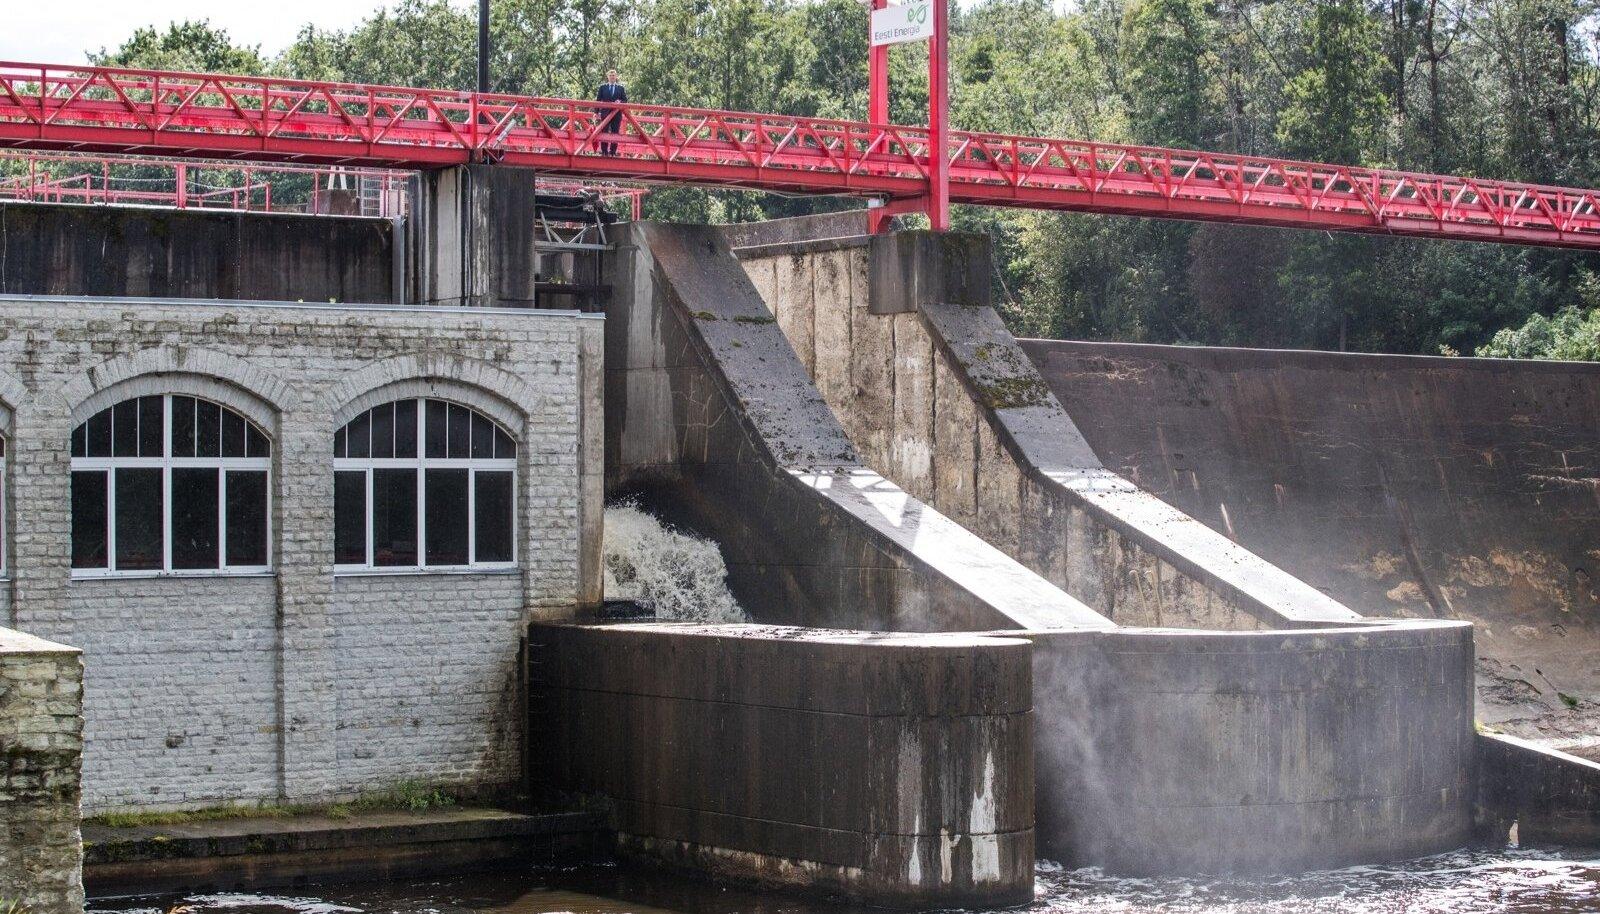 Eesti suurima, Linnamäe hüdroelektrijaama juurde on kalatrepi rajamine osutunud äärmiselt keeruliseks. Sestap asustab Eesti Energia jõkke pidevalt lõhilaste noorkalu, kokku nüüseks 50 000 isendit.